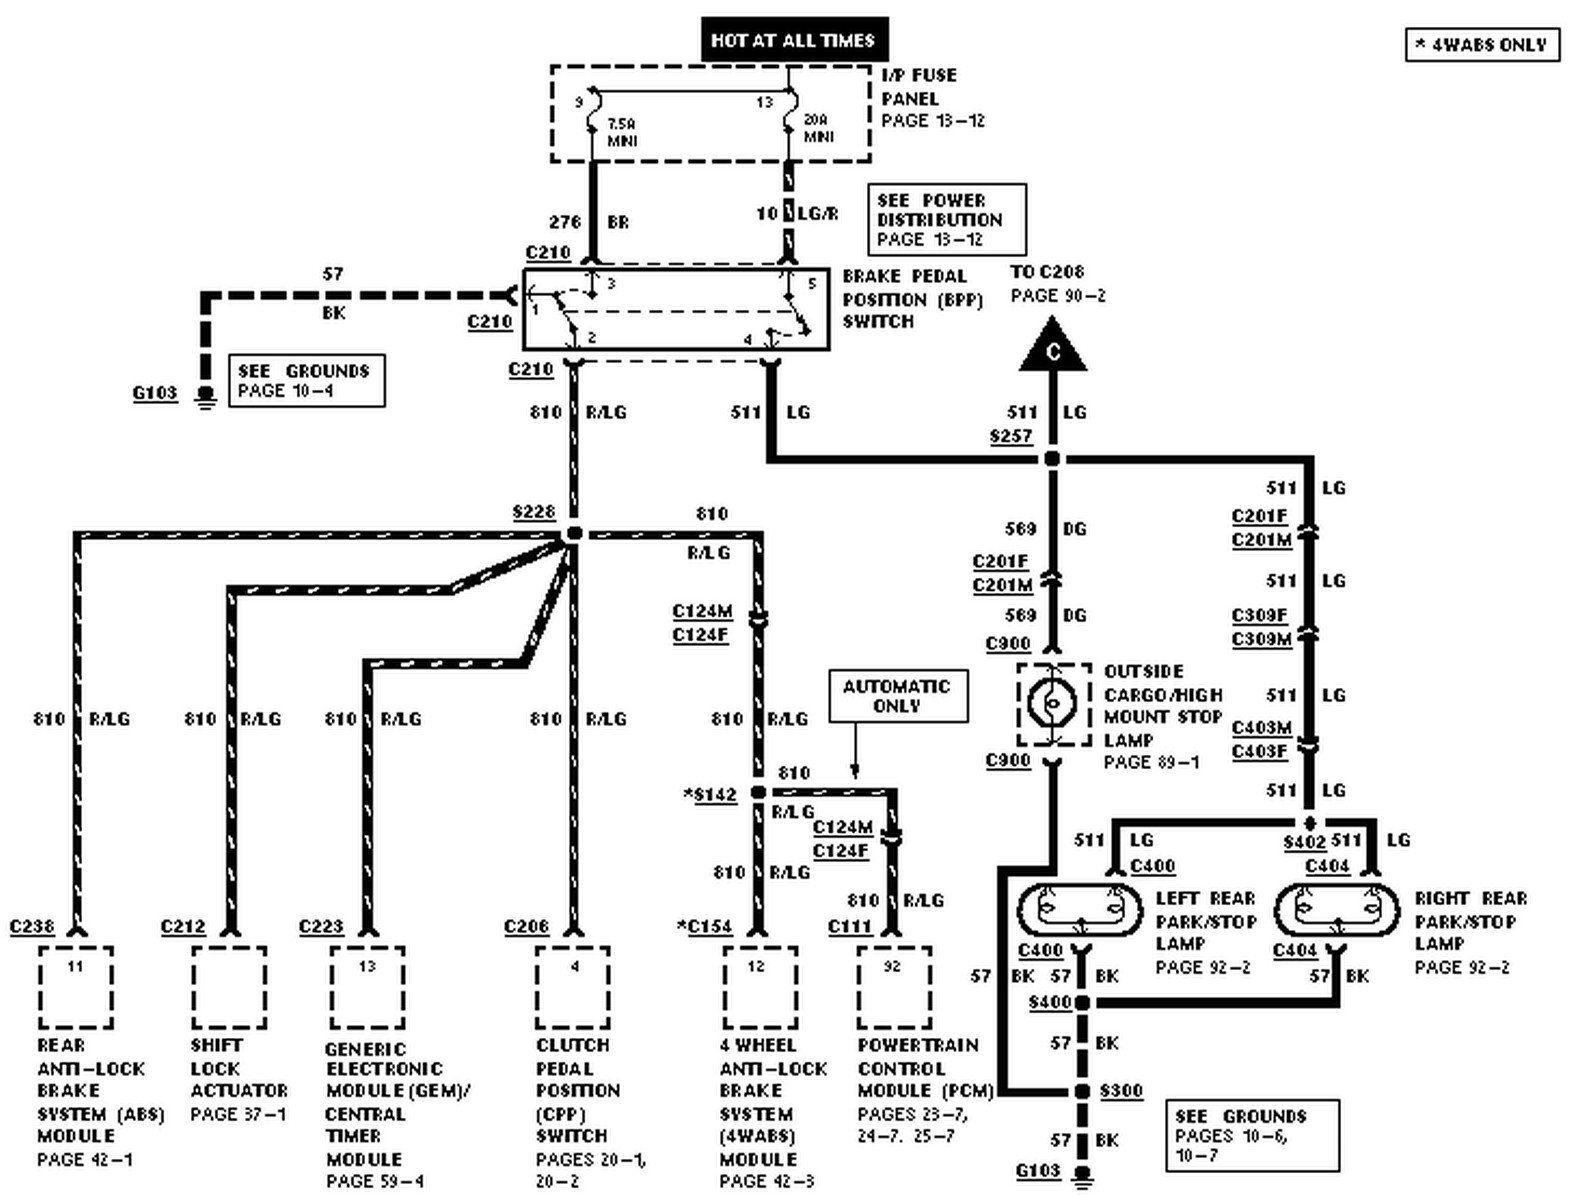 1998 Ford Ranger Wiring Diagram 3 Ford Ranger Ford Ranger